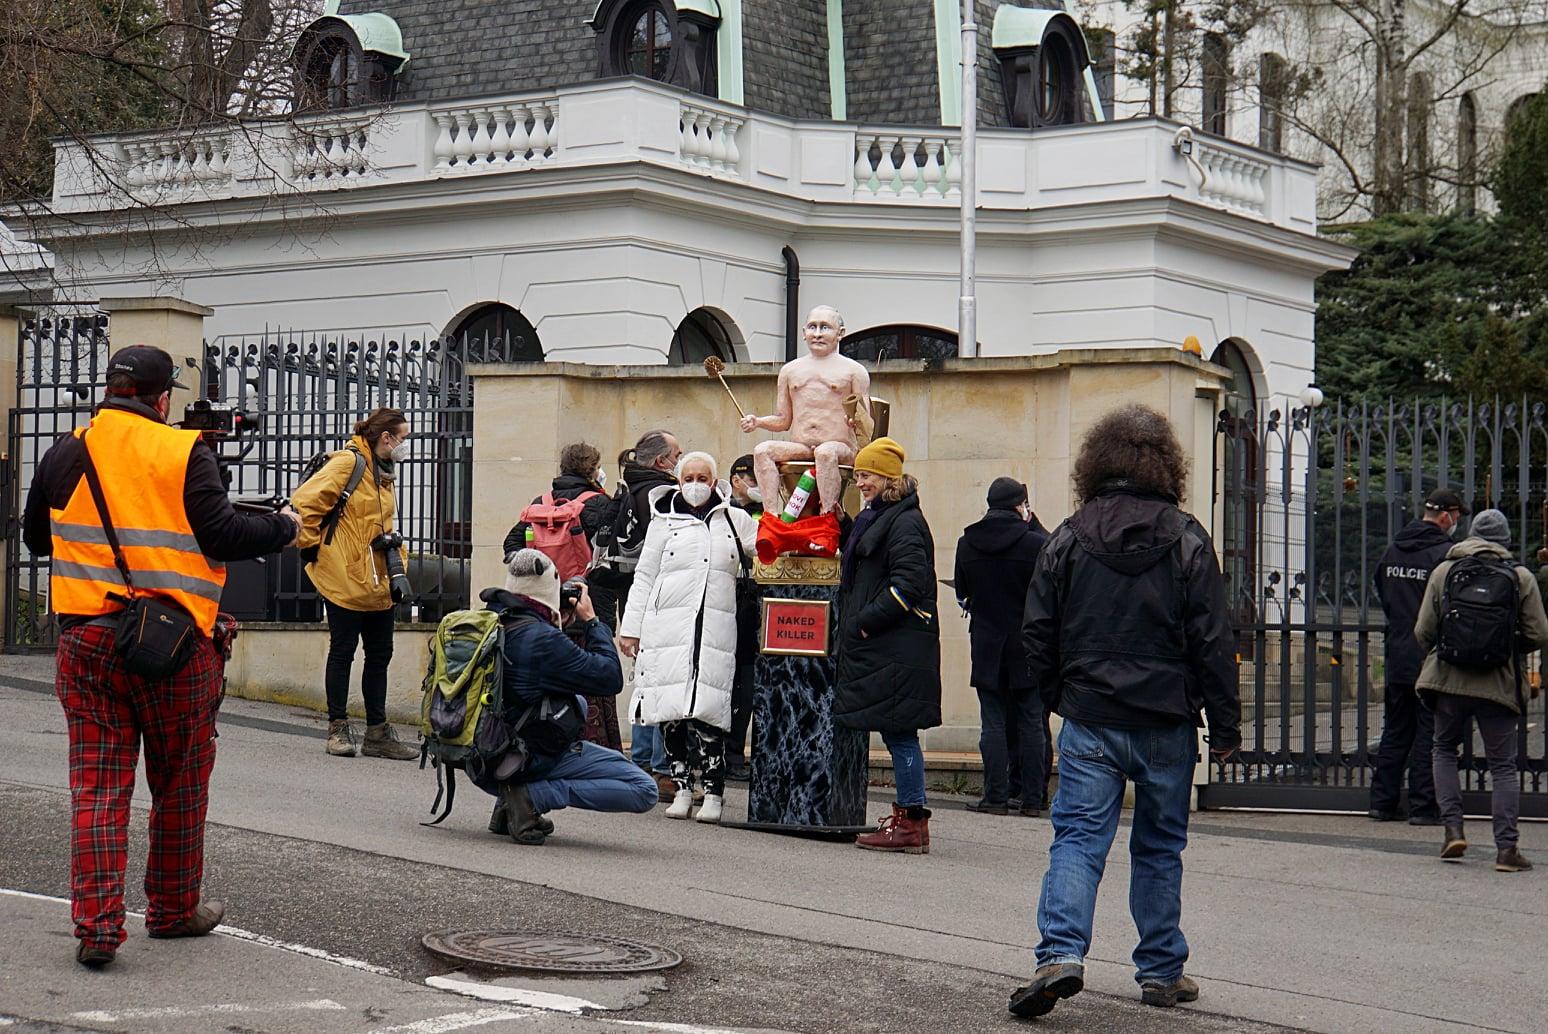 В Чехии установили статую голого Путина: где и зачем (ФОТО, ВИДЕО) - фото 6